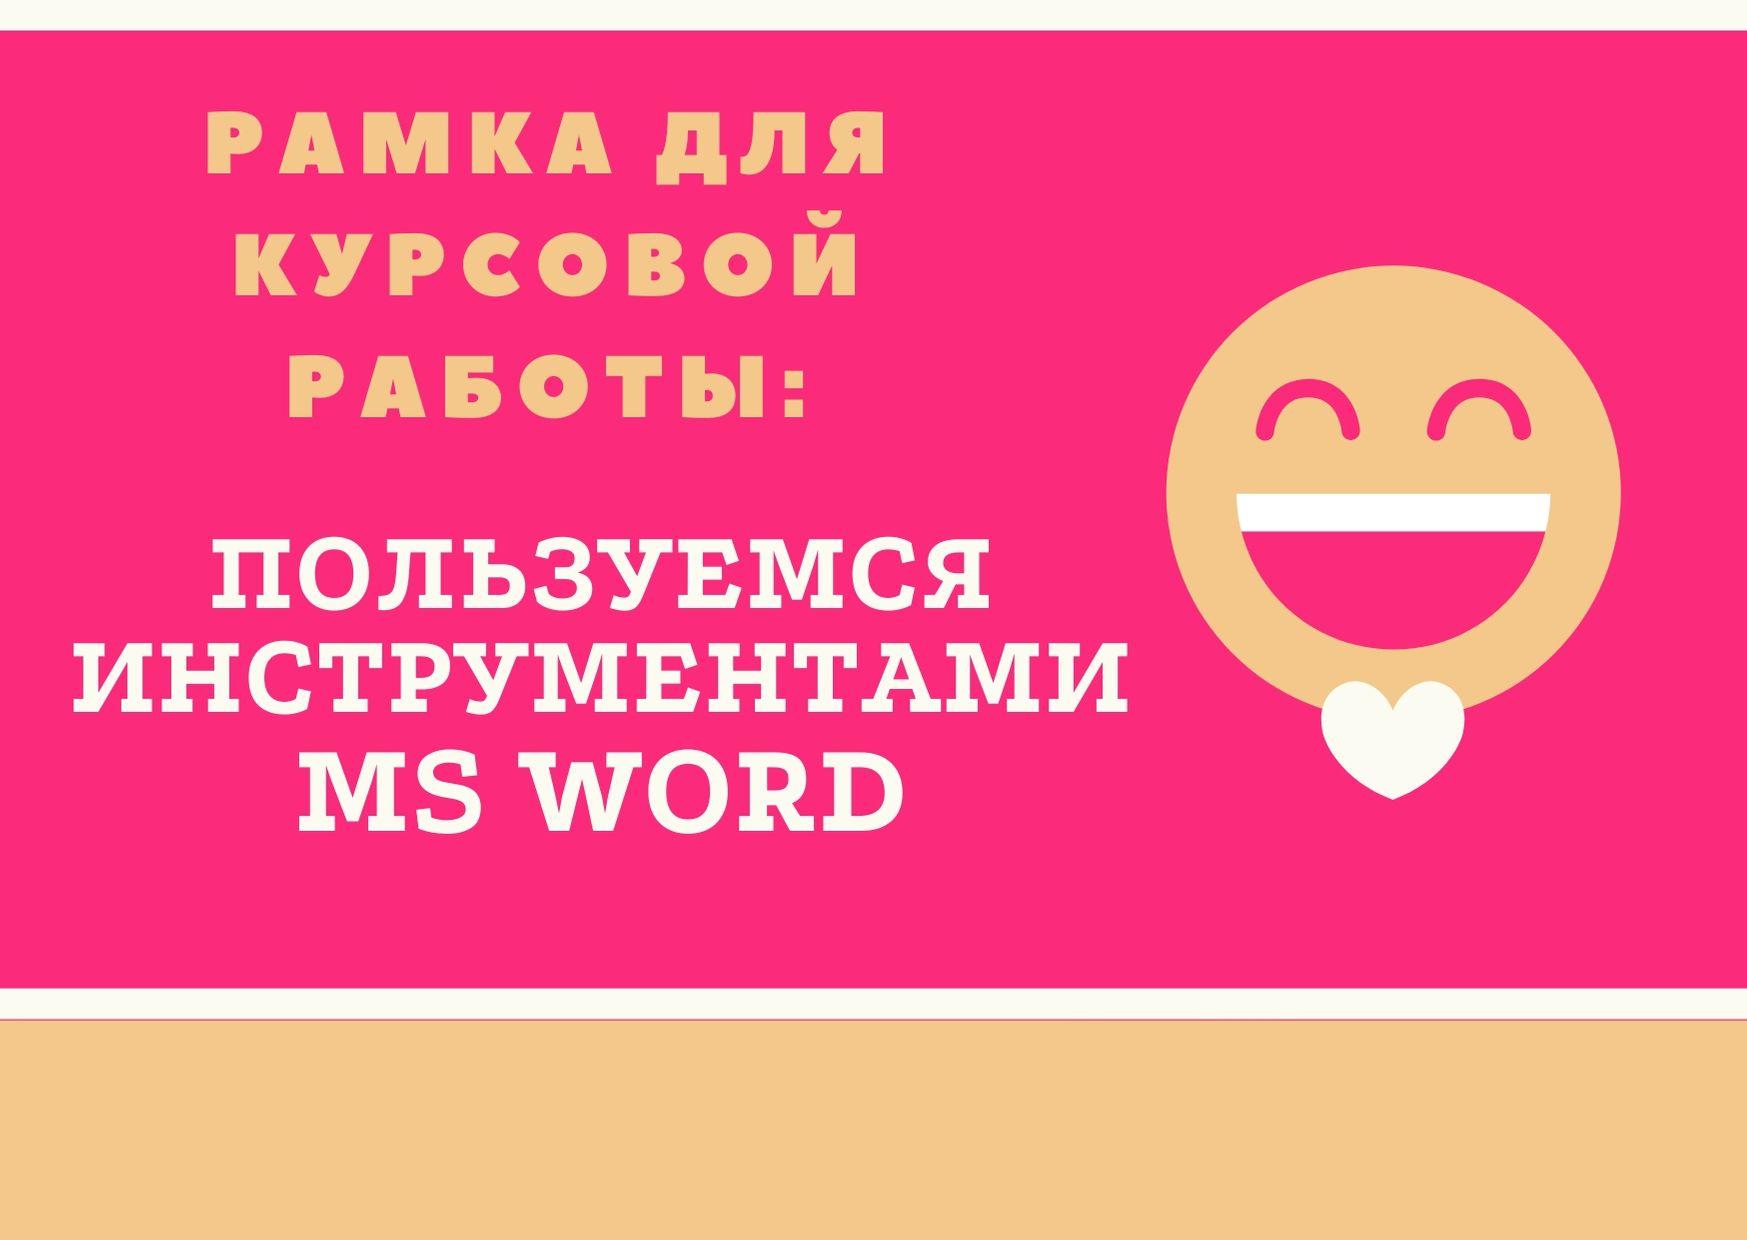 Рамка для курсовой работы: пользуемся инструментами MS Word